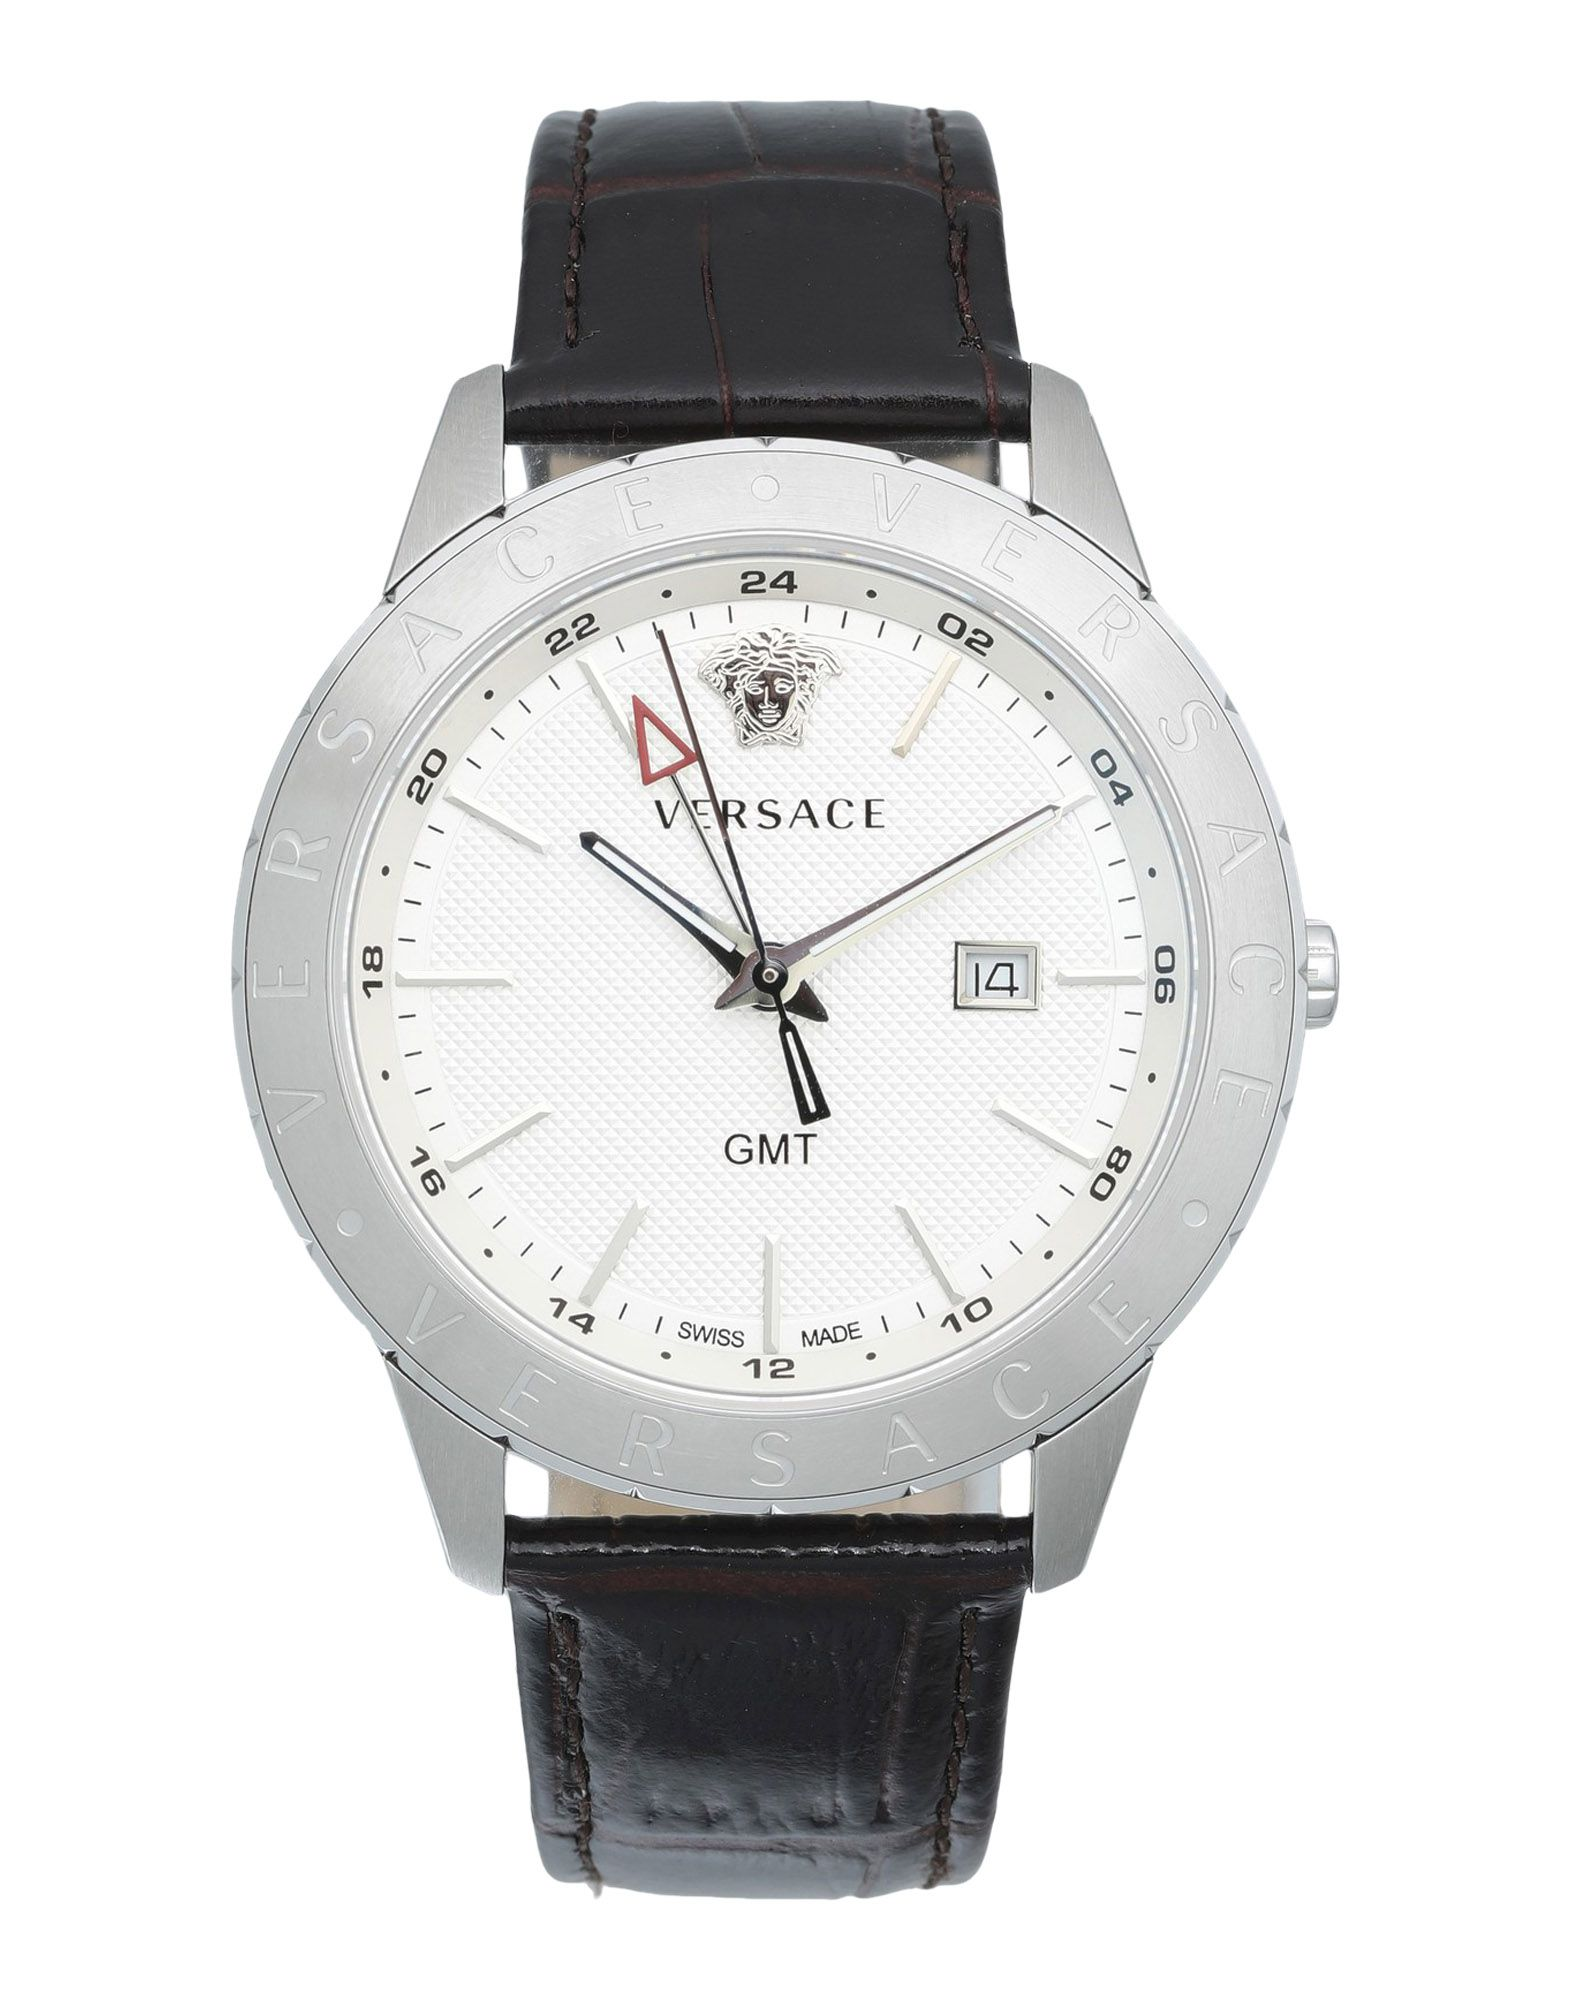 VERSACE Наручные часы часы наручные storm часы hydroxisbrown47237 br